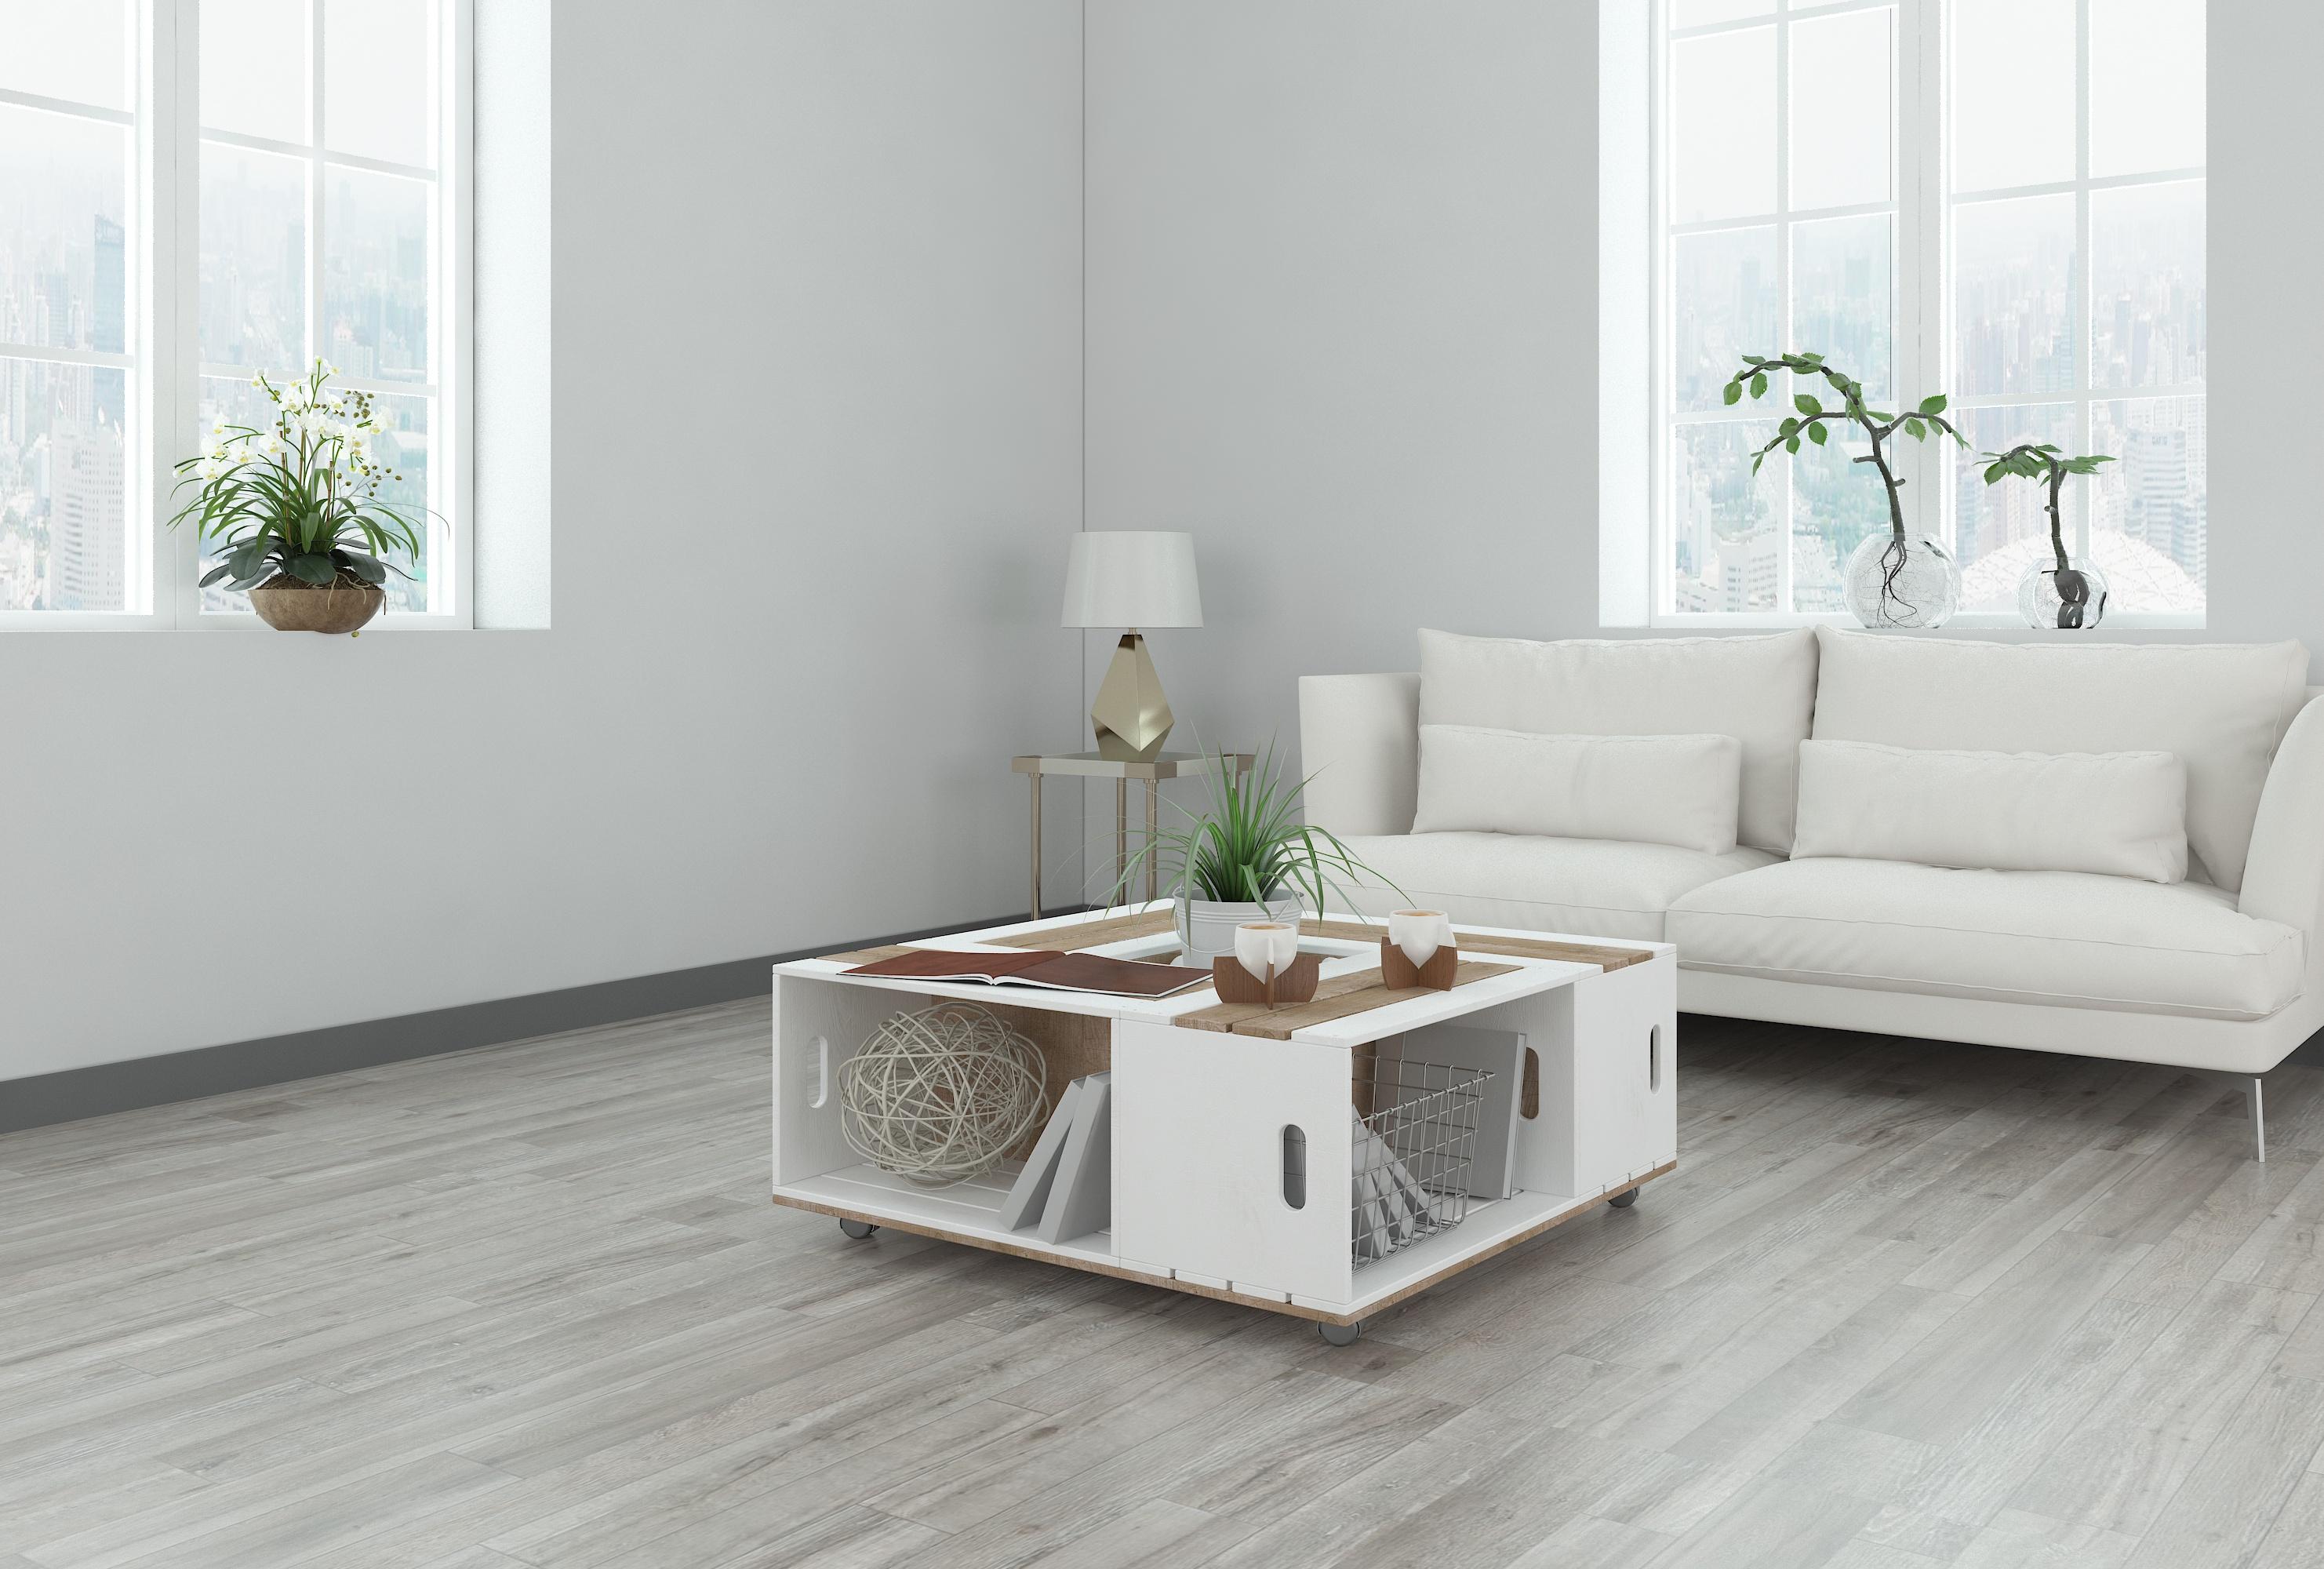 Top grade wood design light grey 8mm wear resistant baby sleep click spc plastic flooring for indoor N2701_5